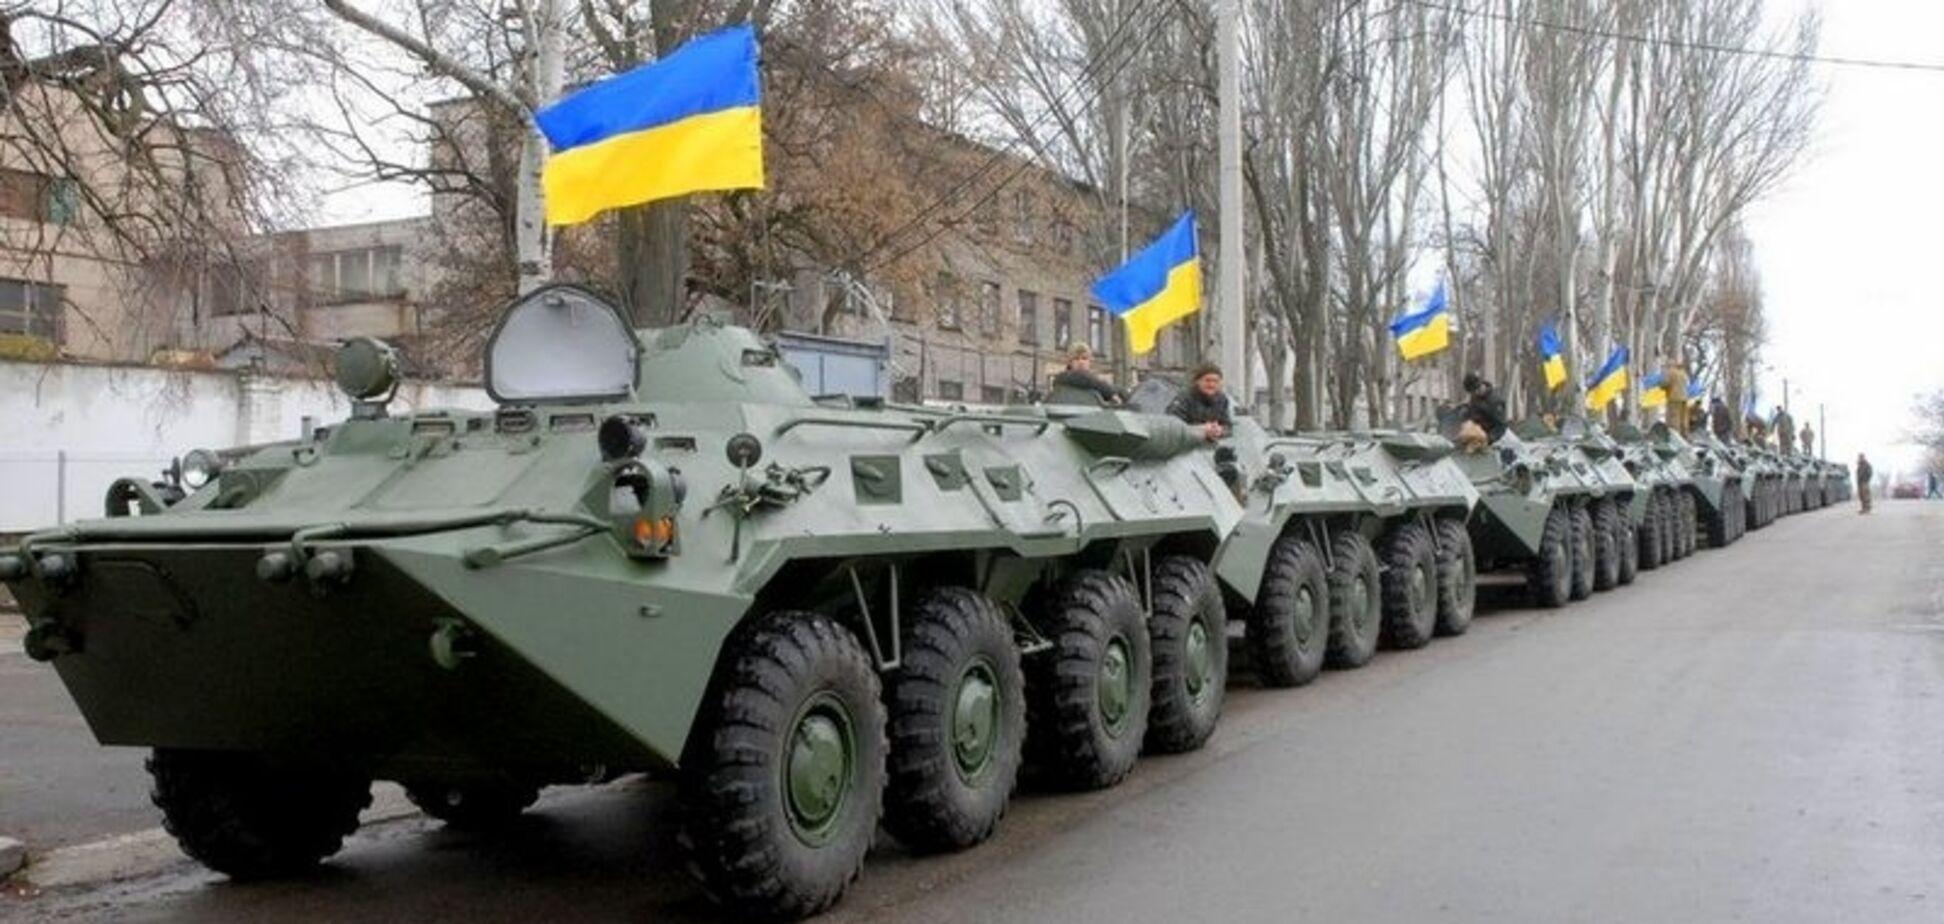 'Може, просто хваляться': навколо бойової техніки України спалахнув скандал